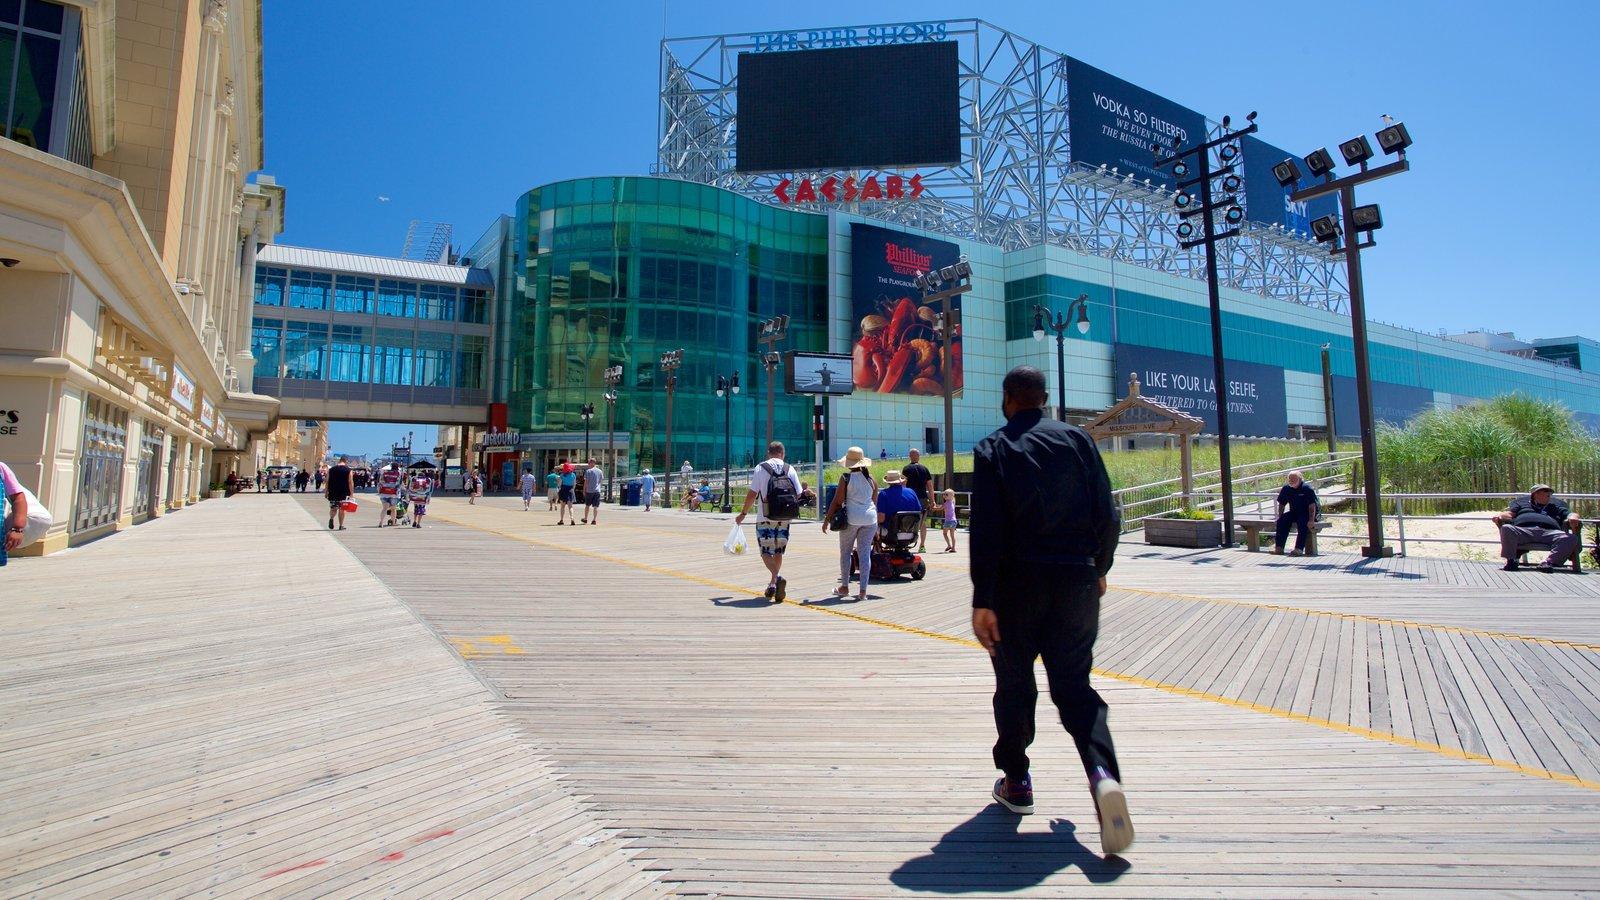 Litoral de Nova Jersey caracterizando cenas de rua e arquitetura moderna assim como um homem sozinho